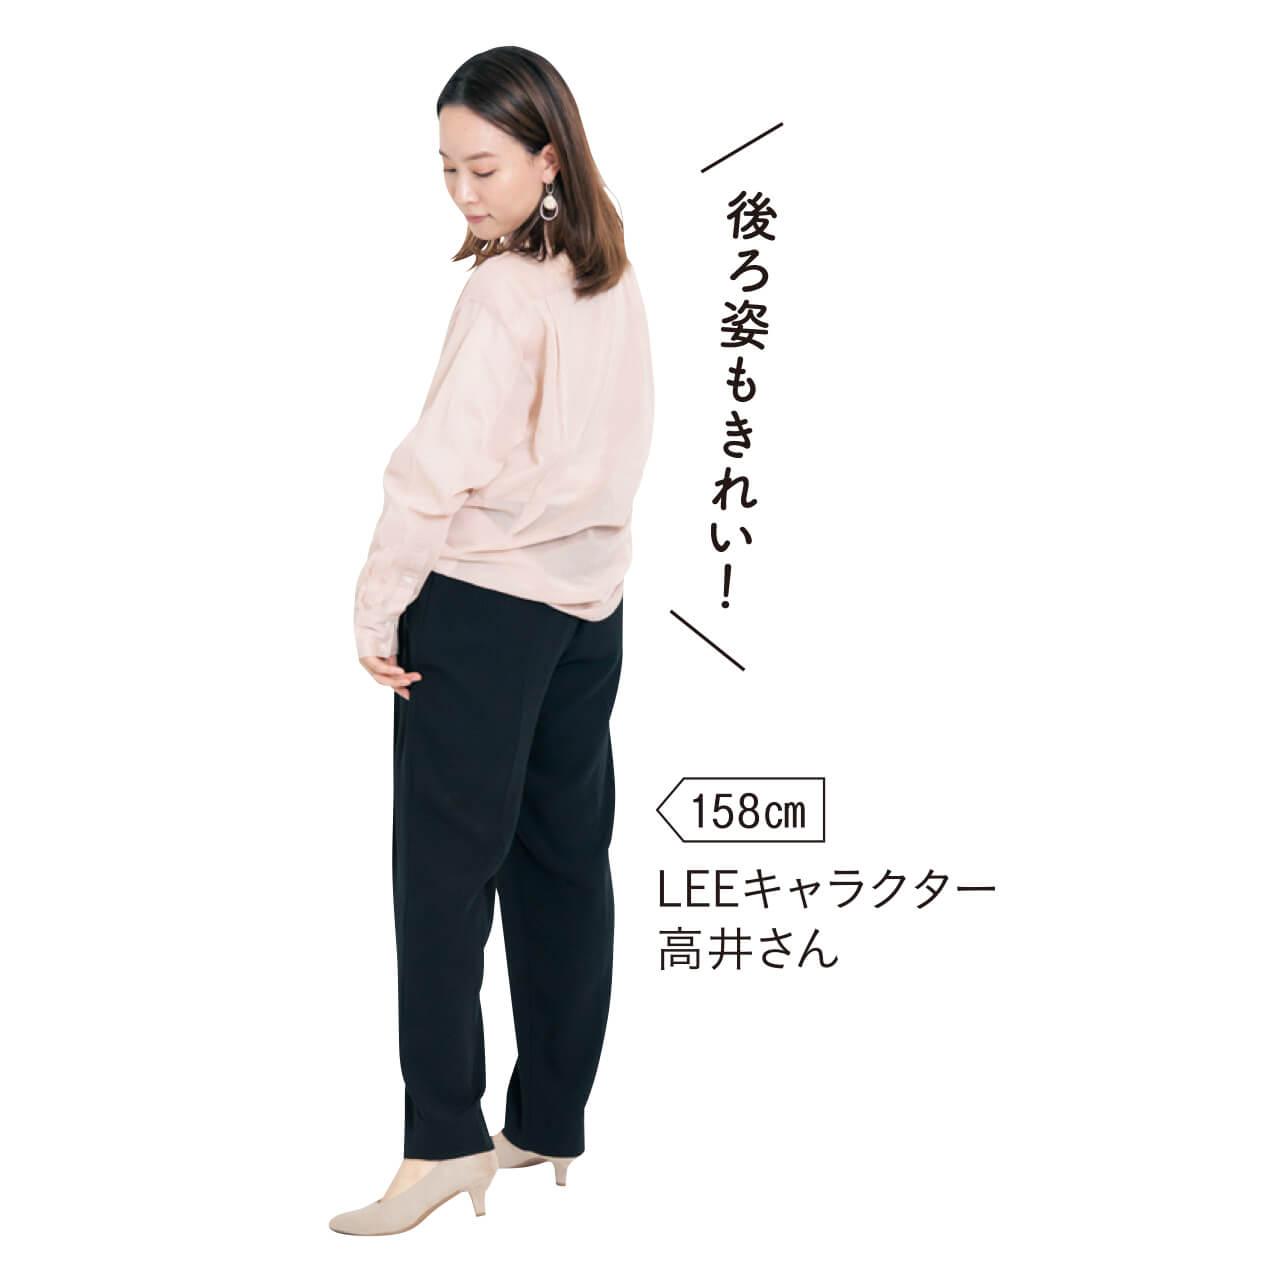 N.O.R.C by the lineの「ジョーゼットストレートパンツ」158cm LEEキャラクター高井さん「後ろ姿もきれい!」